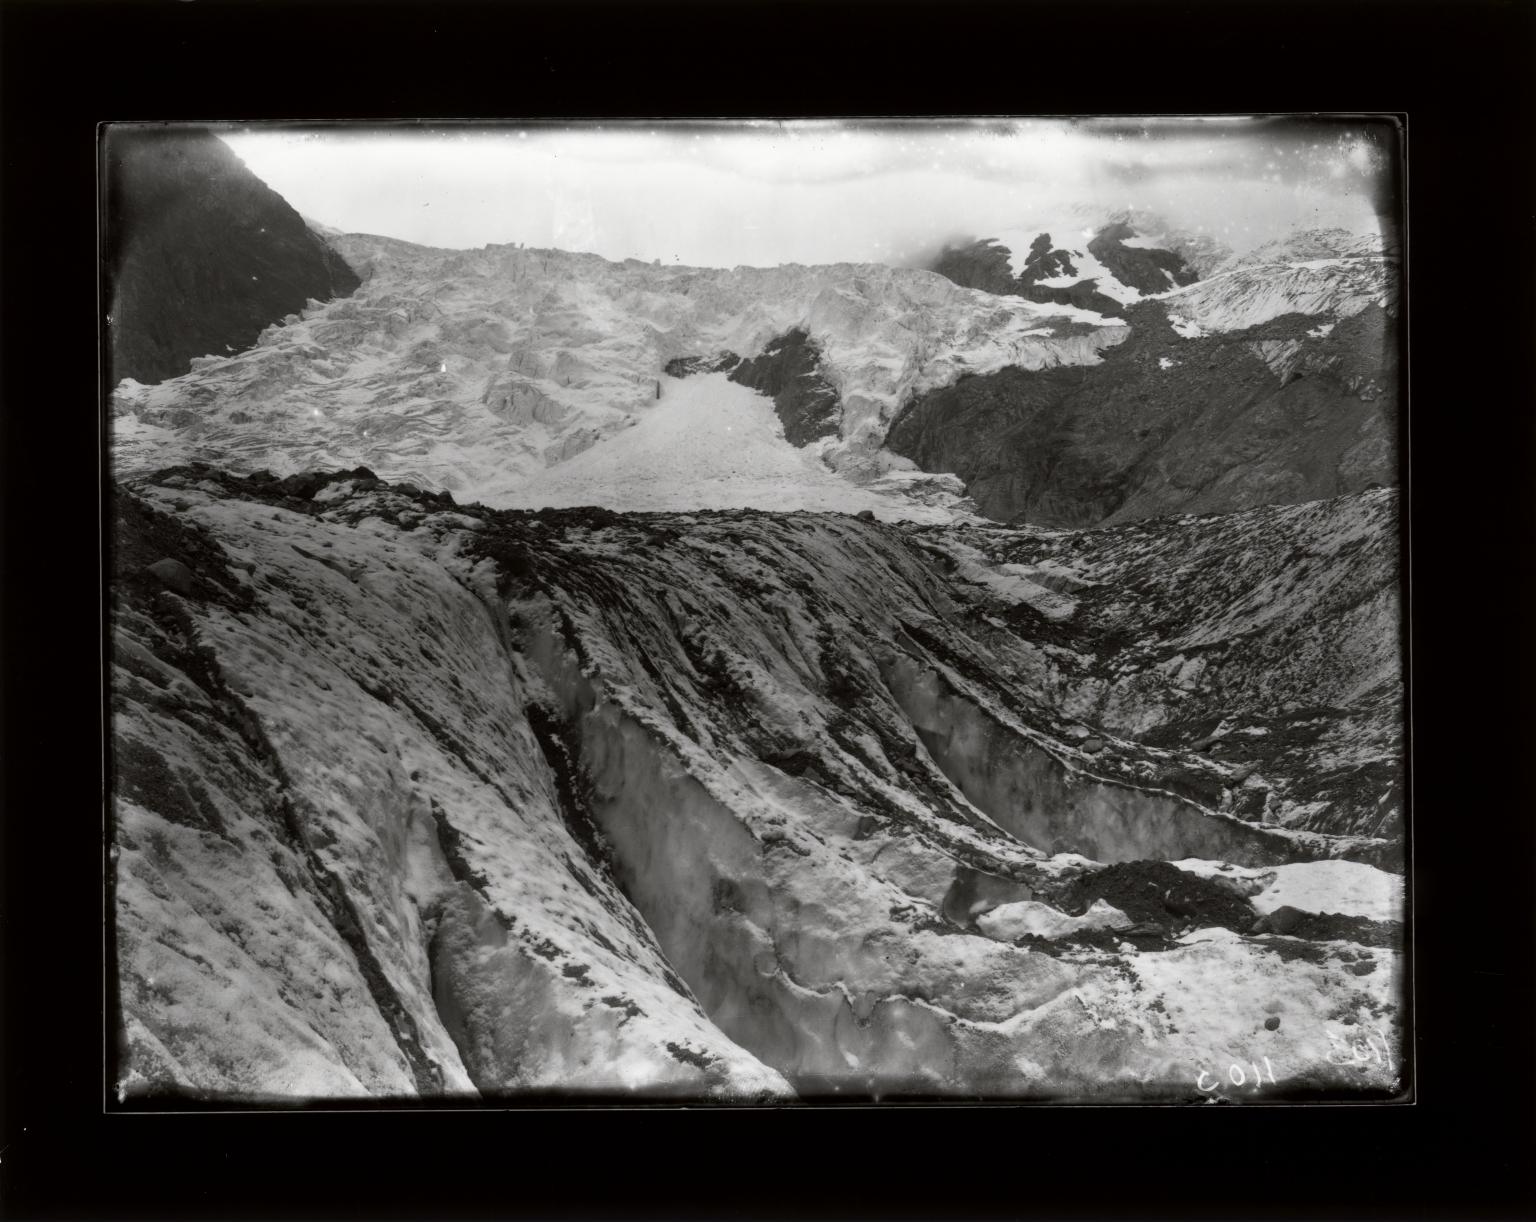 Mont Mine Glacier, Valais, Switzerland